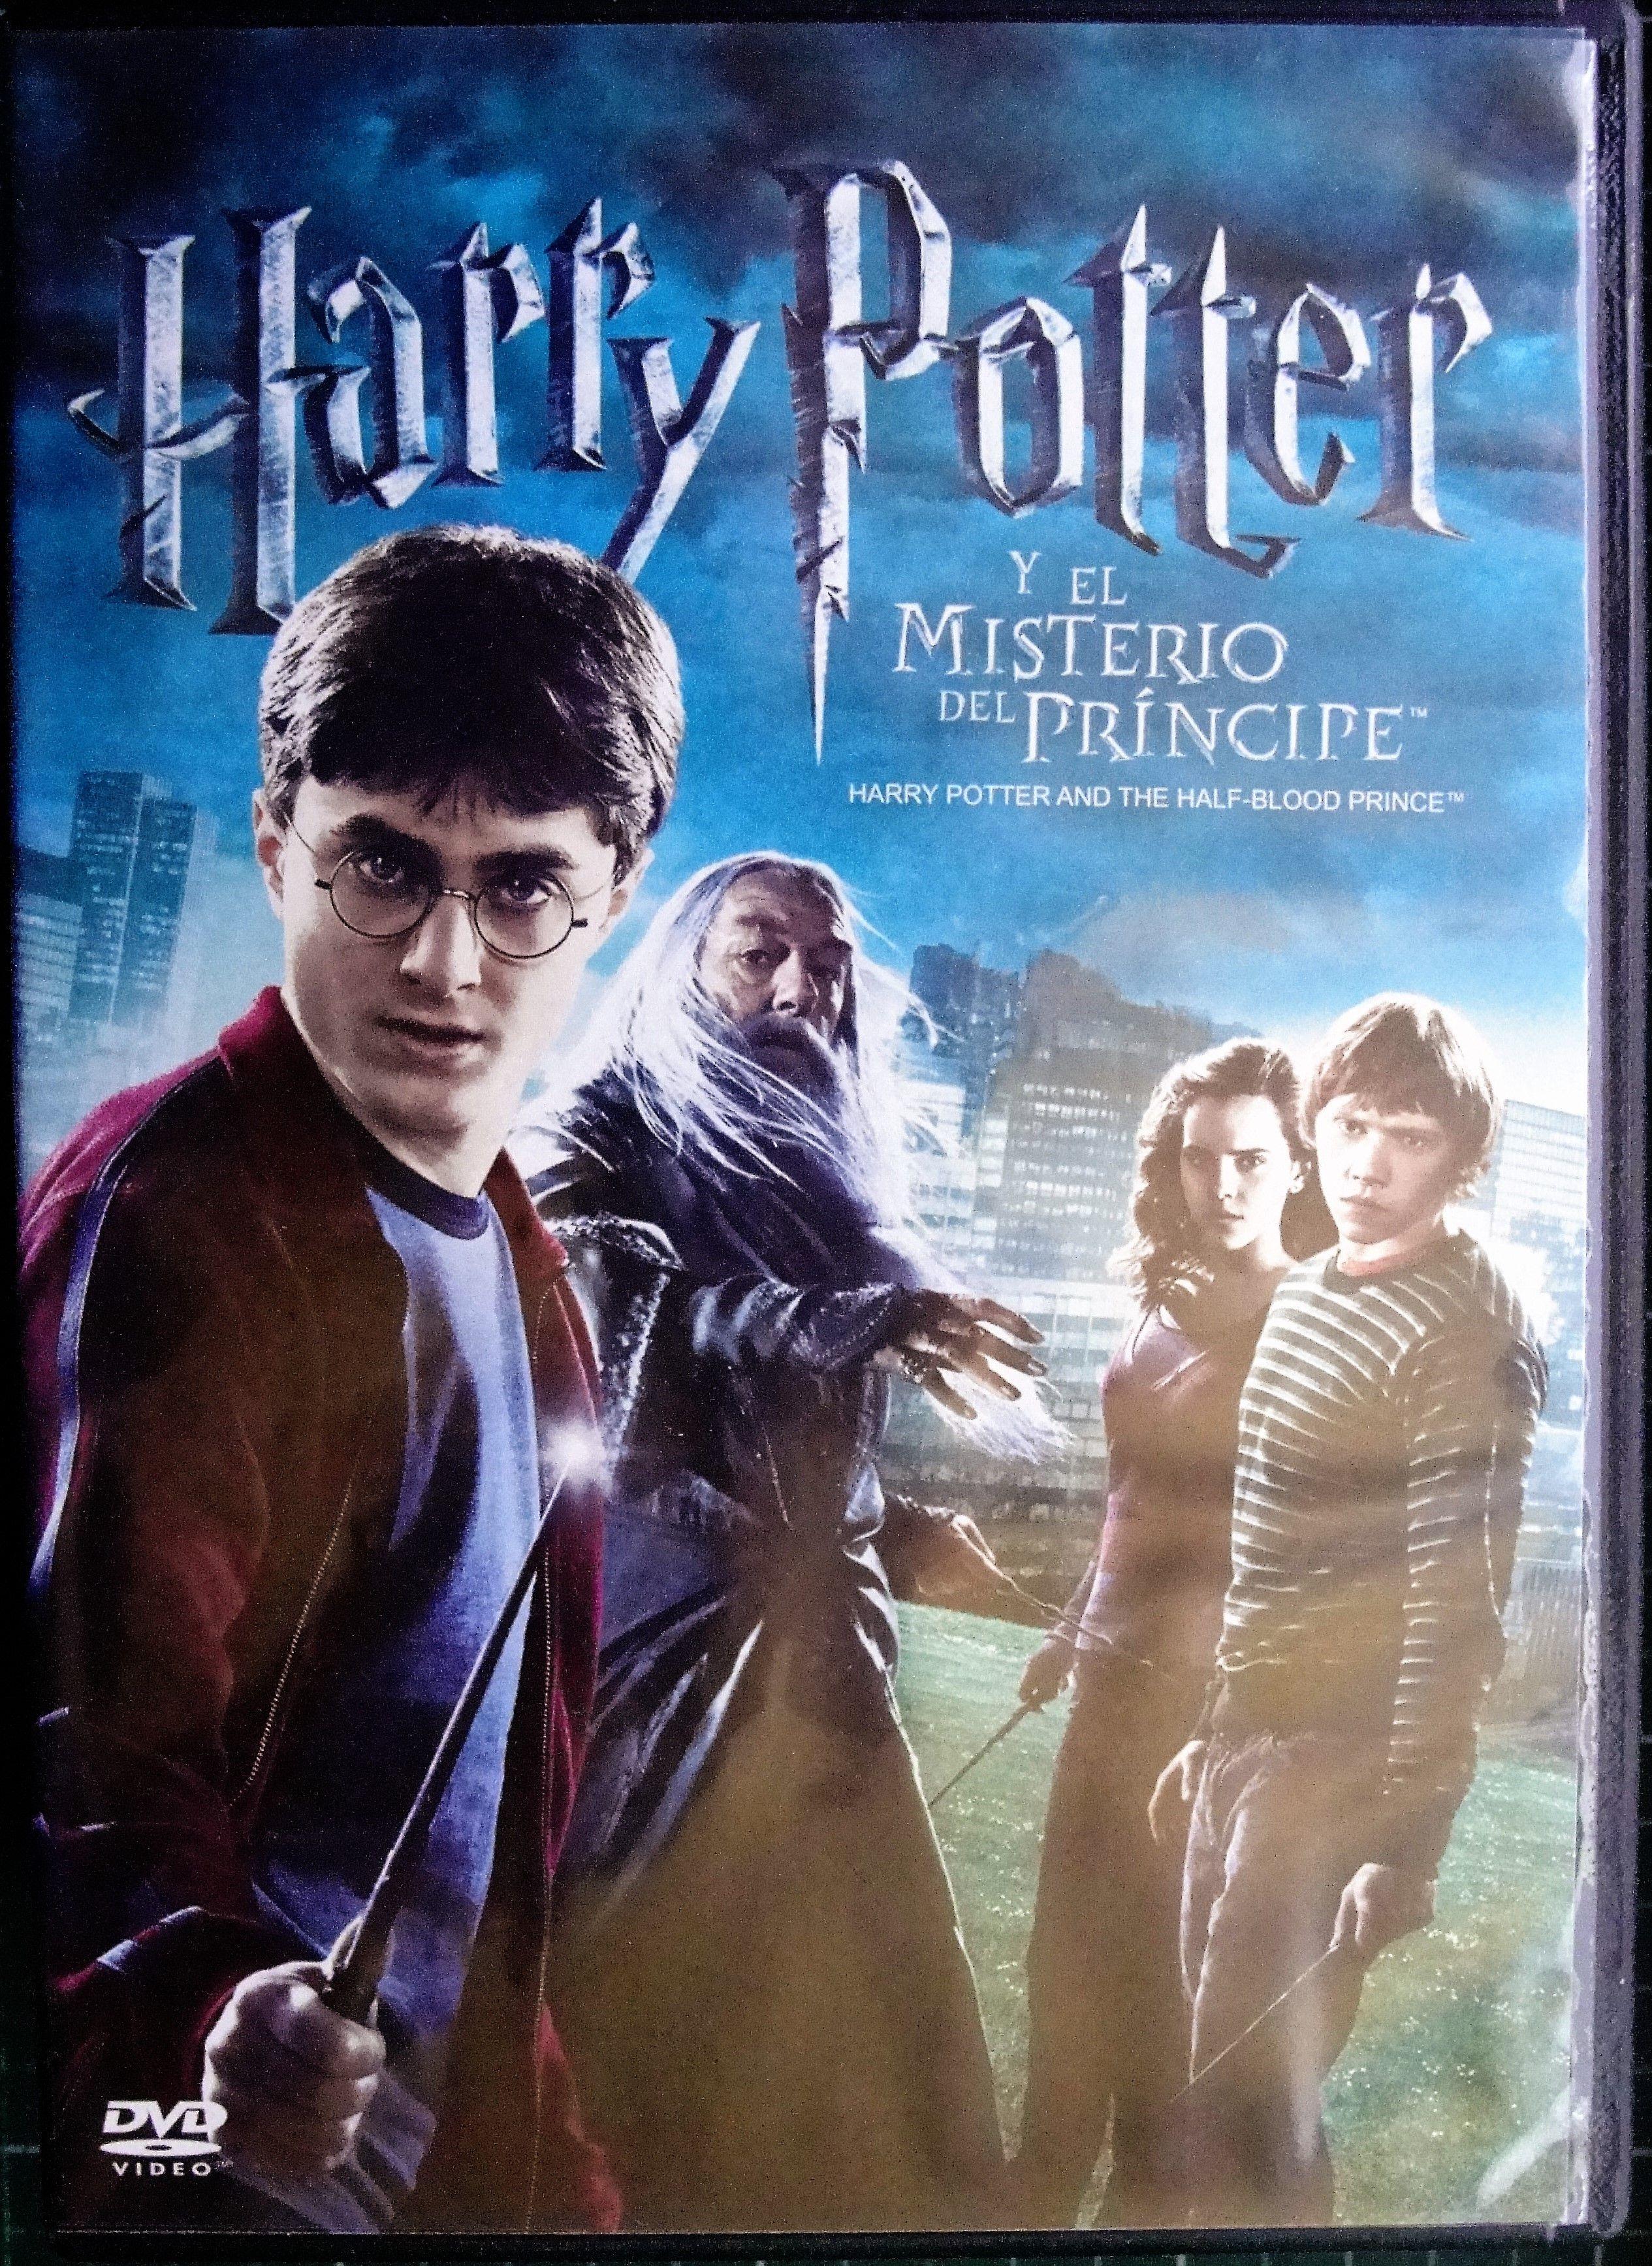 Harry Potter 6 Películas De Harry Potter Peliculas Peliculas Audio Latino Online